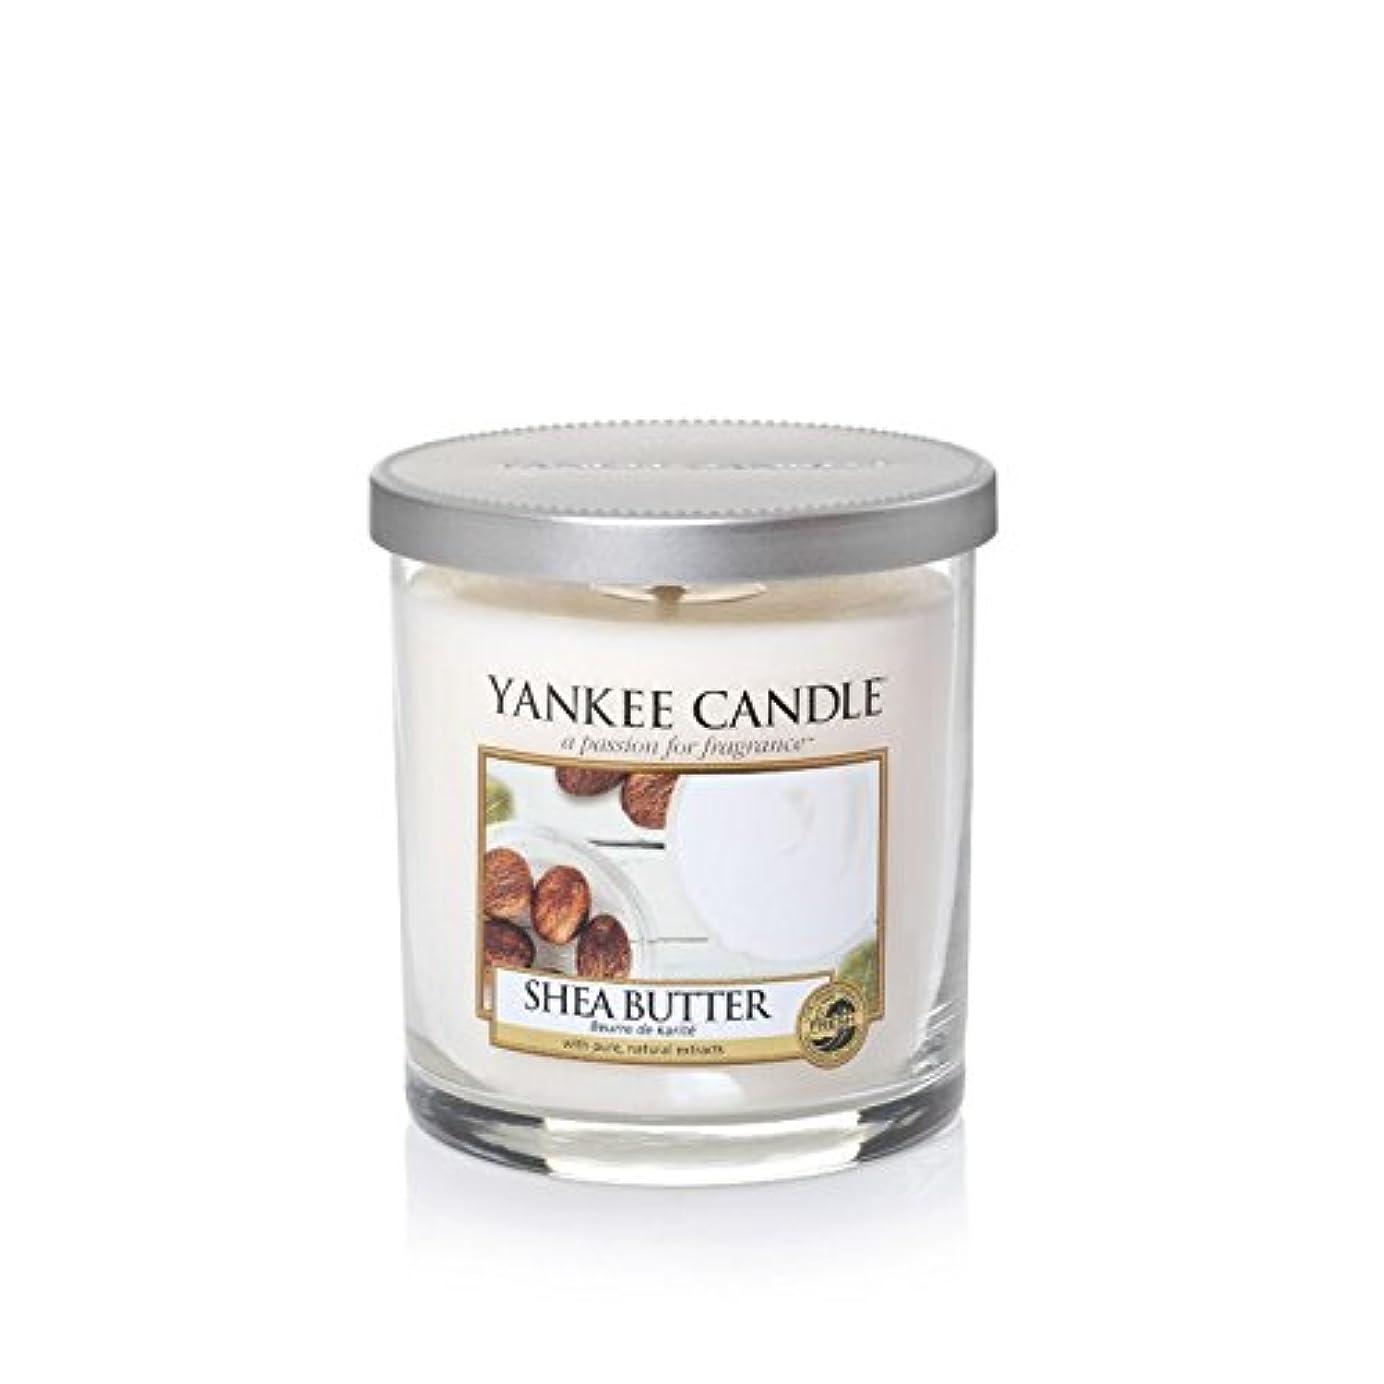 ポーク小人外交官Yankee Candles Small Pillar Candle - Shea Butter (Pack of 2) - ヤンキーキャンドルの小さな柱キャンドル - シアバター (x2) [並行輸入品]